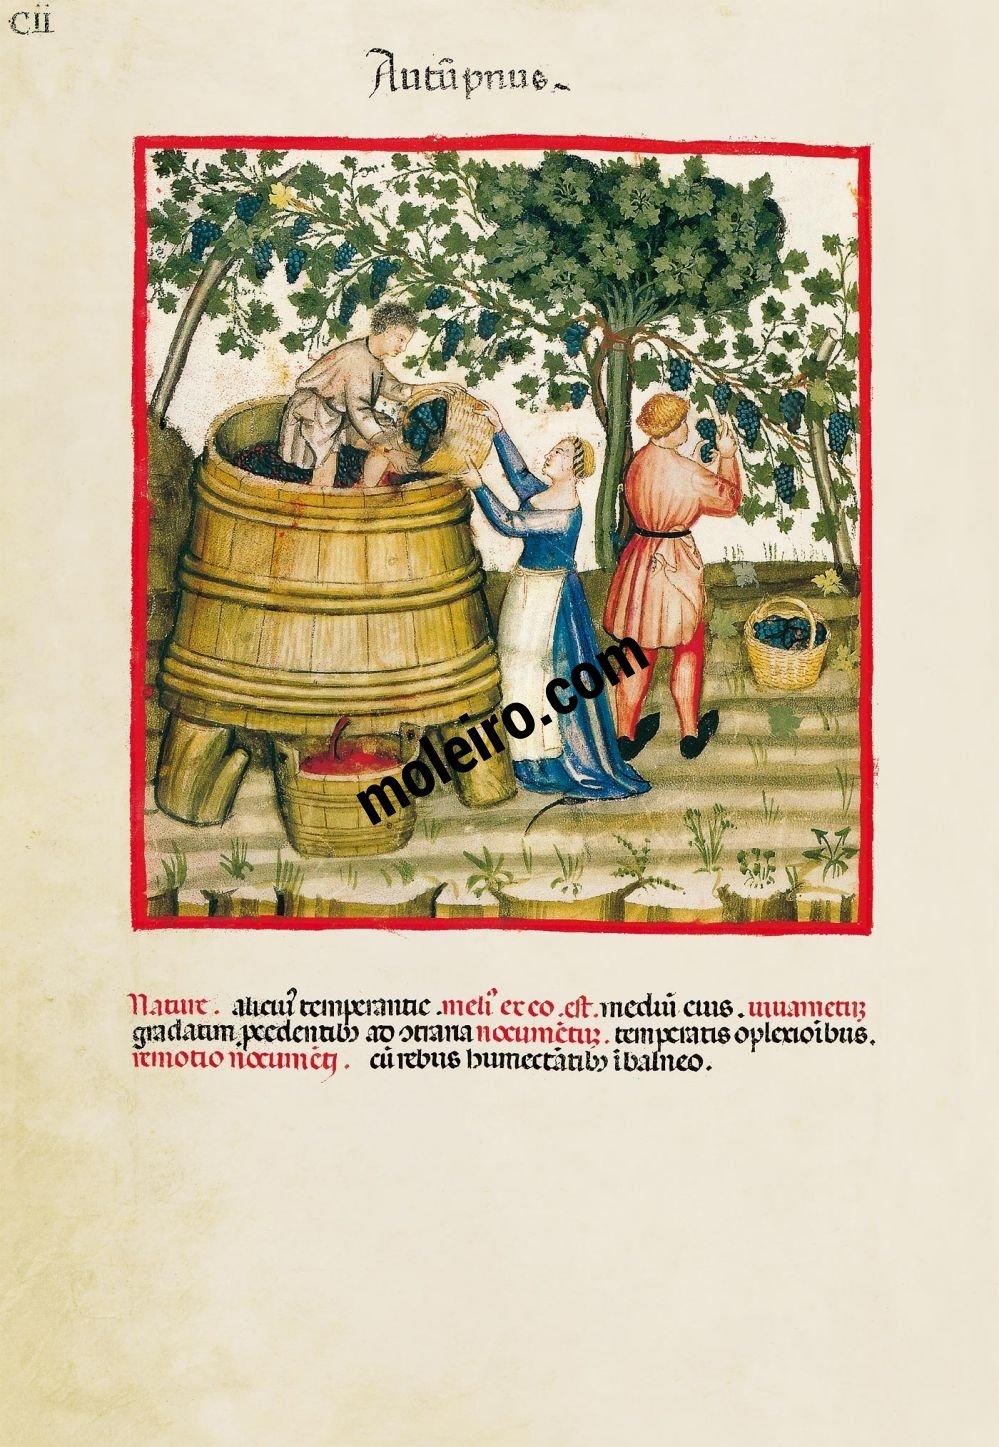 Theatrum Sanitatis f. CII, Autumn